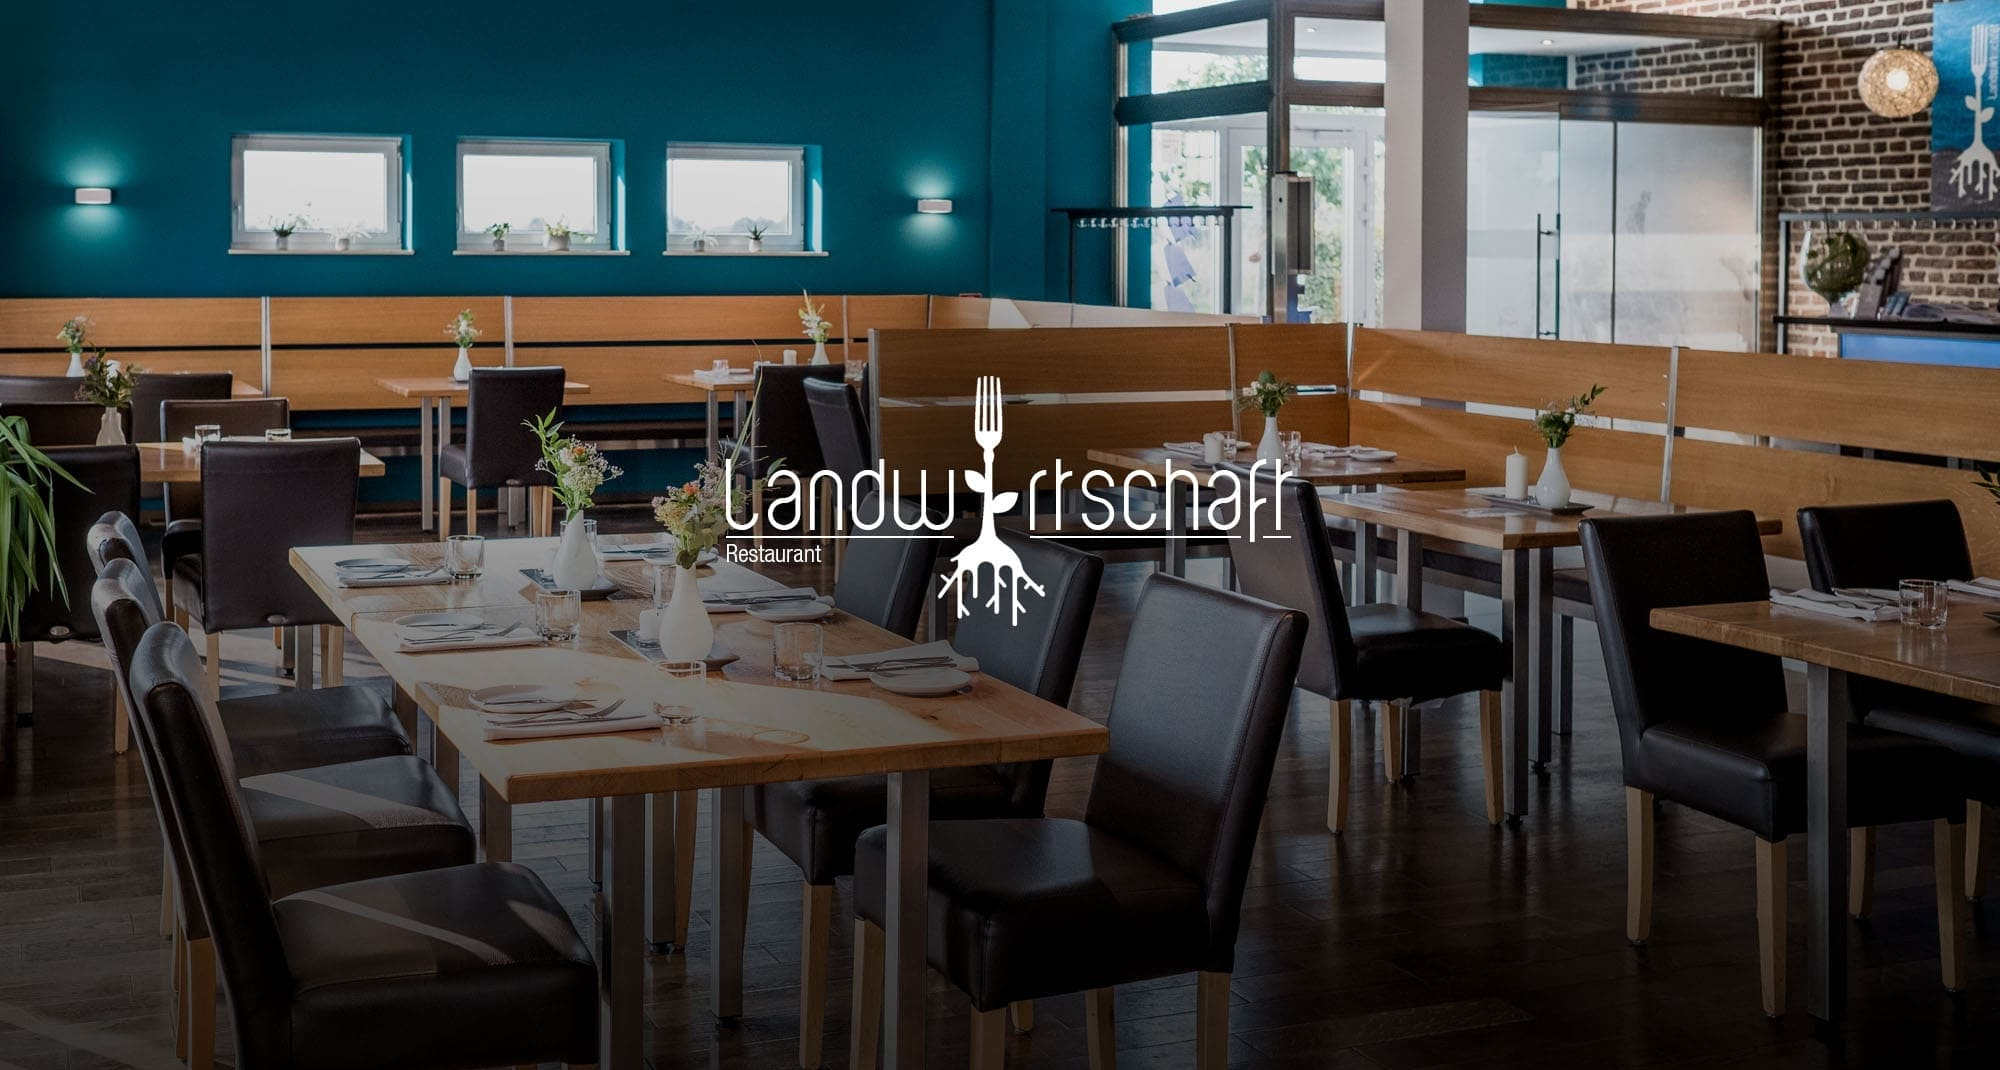 Restaurant Landwirtschaft in Willich